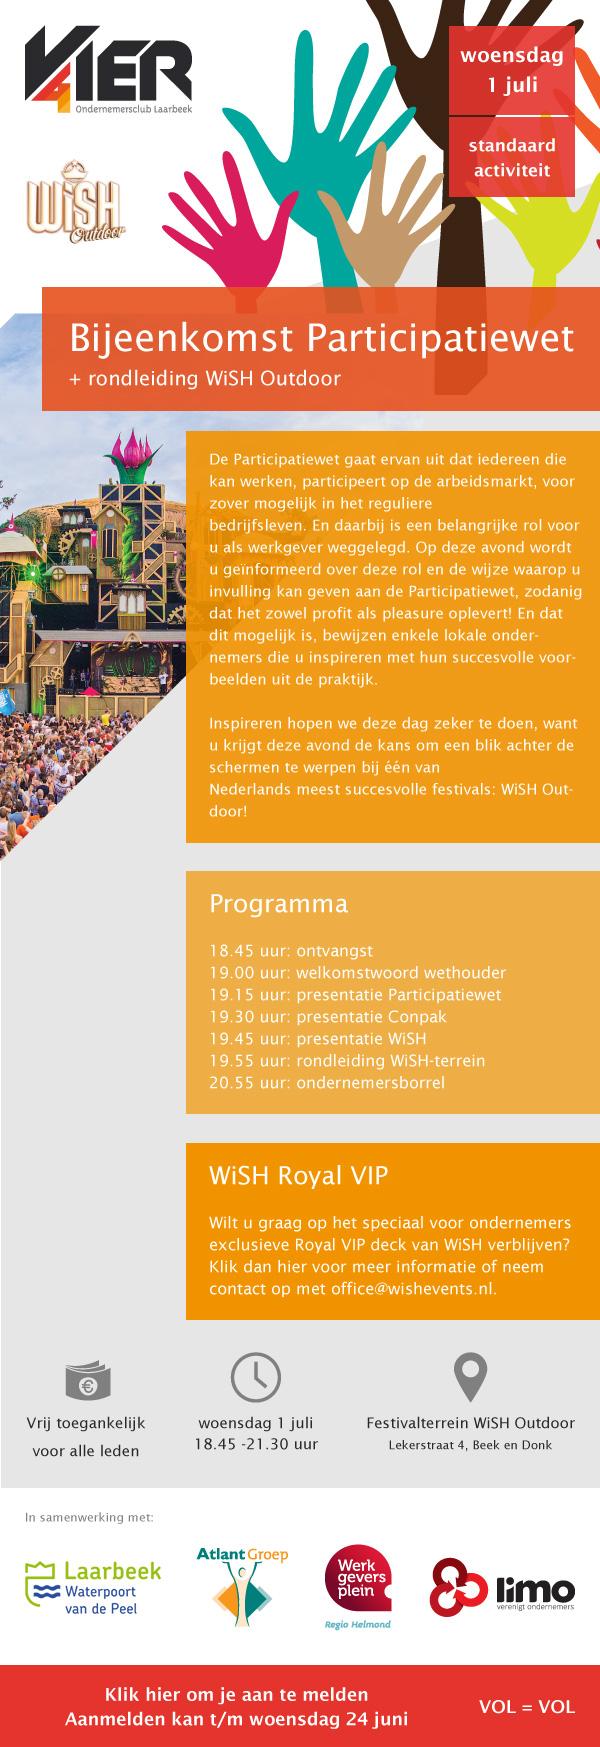 vier_uitnodiging_2015-07-01_wish-participatiewet_1.1